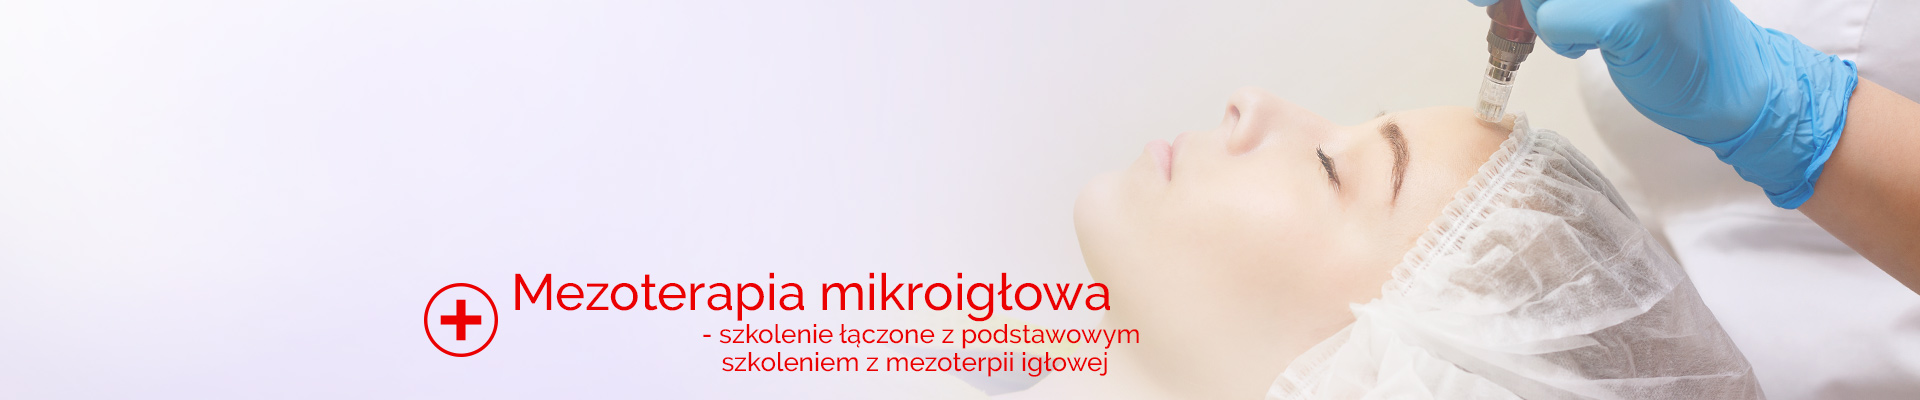 mezoterapia_mikroiglowa